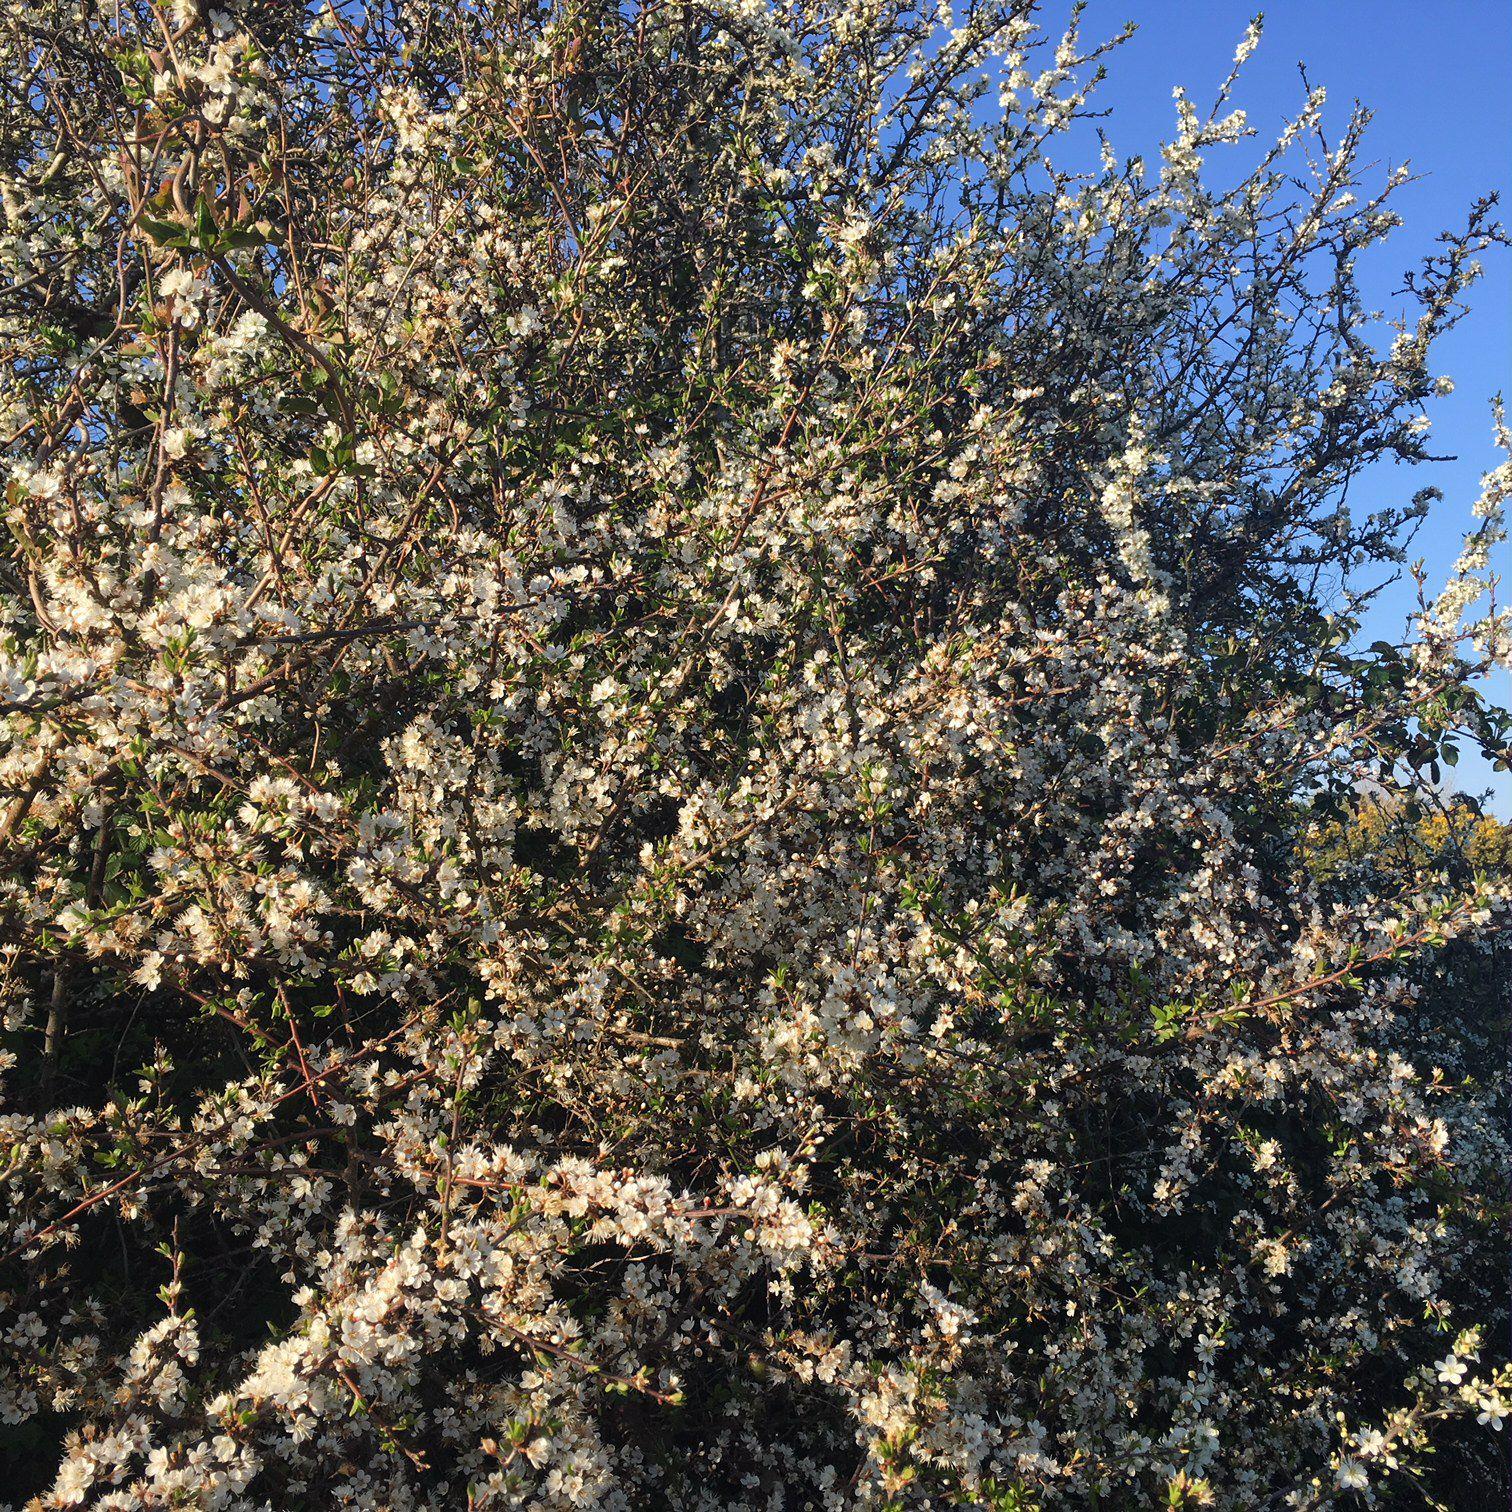 ... d'épine noire (des prunelliers)...